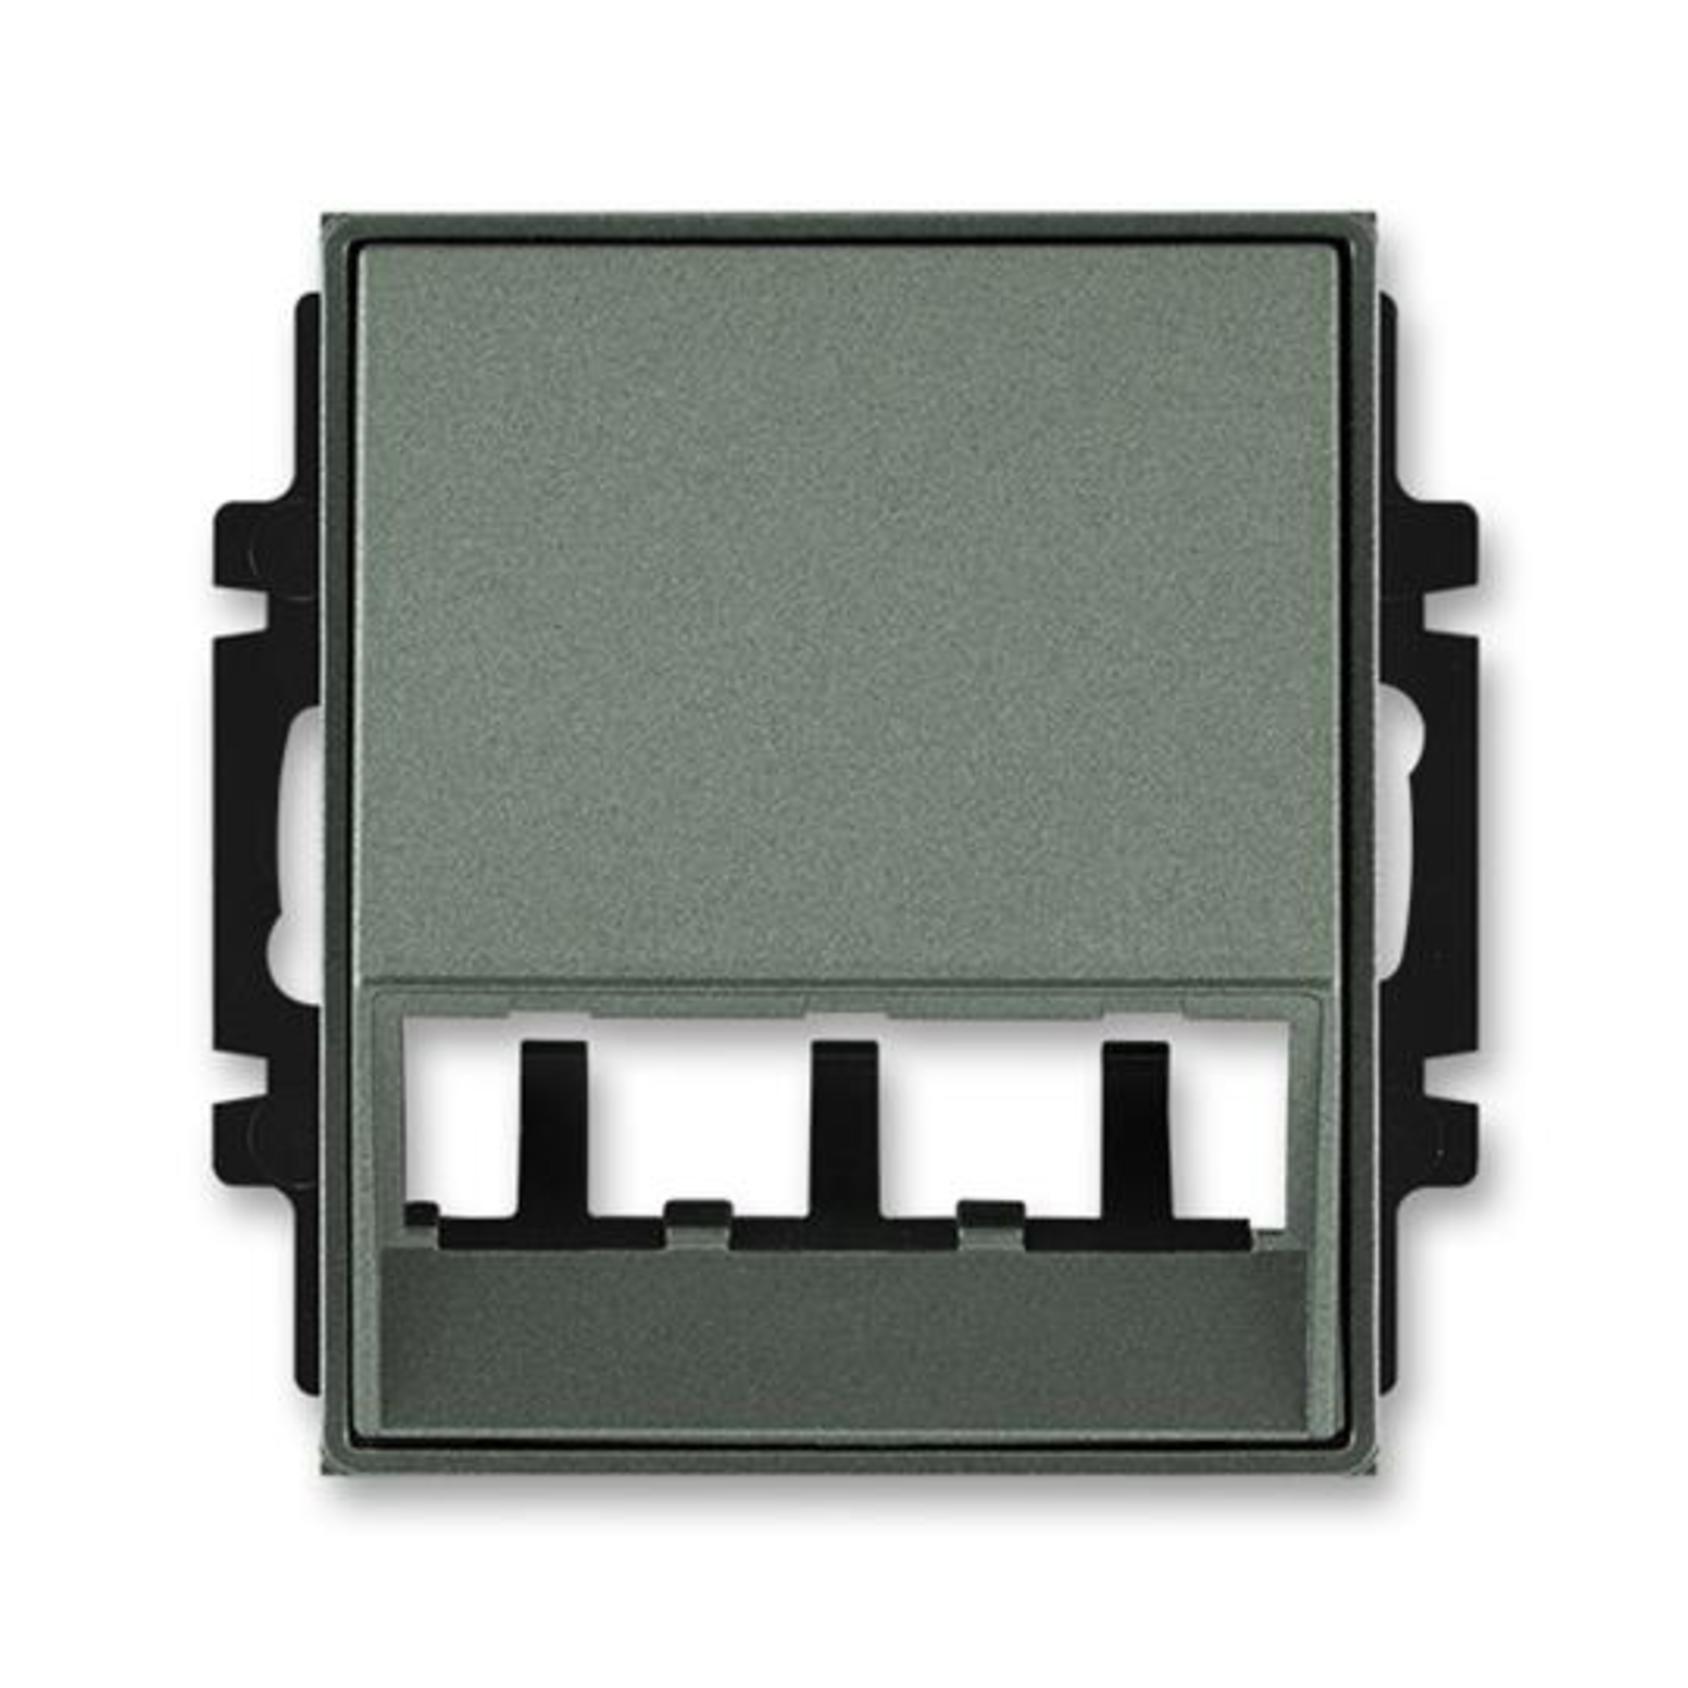 ABB 5014E-A00400 34 Time Kryt pro šikmé osvětlení s LED nebo pro prvky Panduit Mini-Com